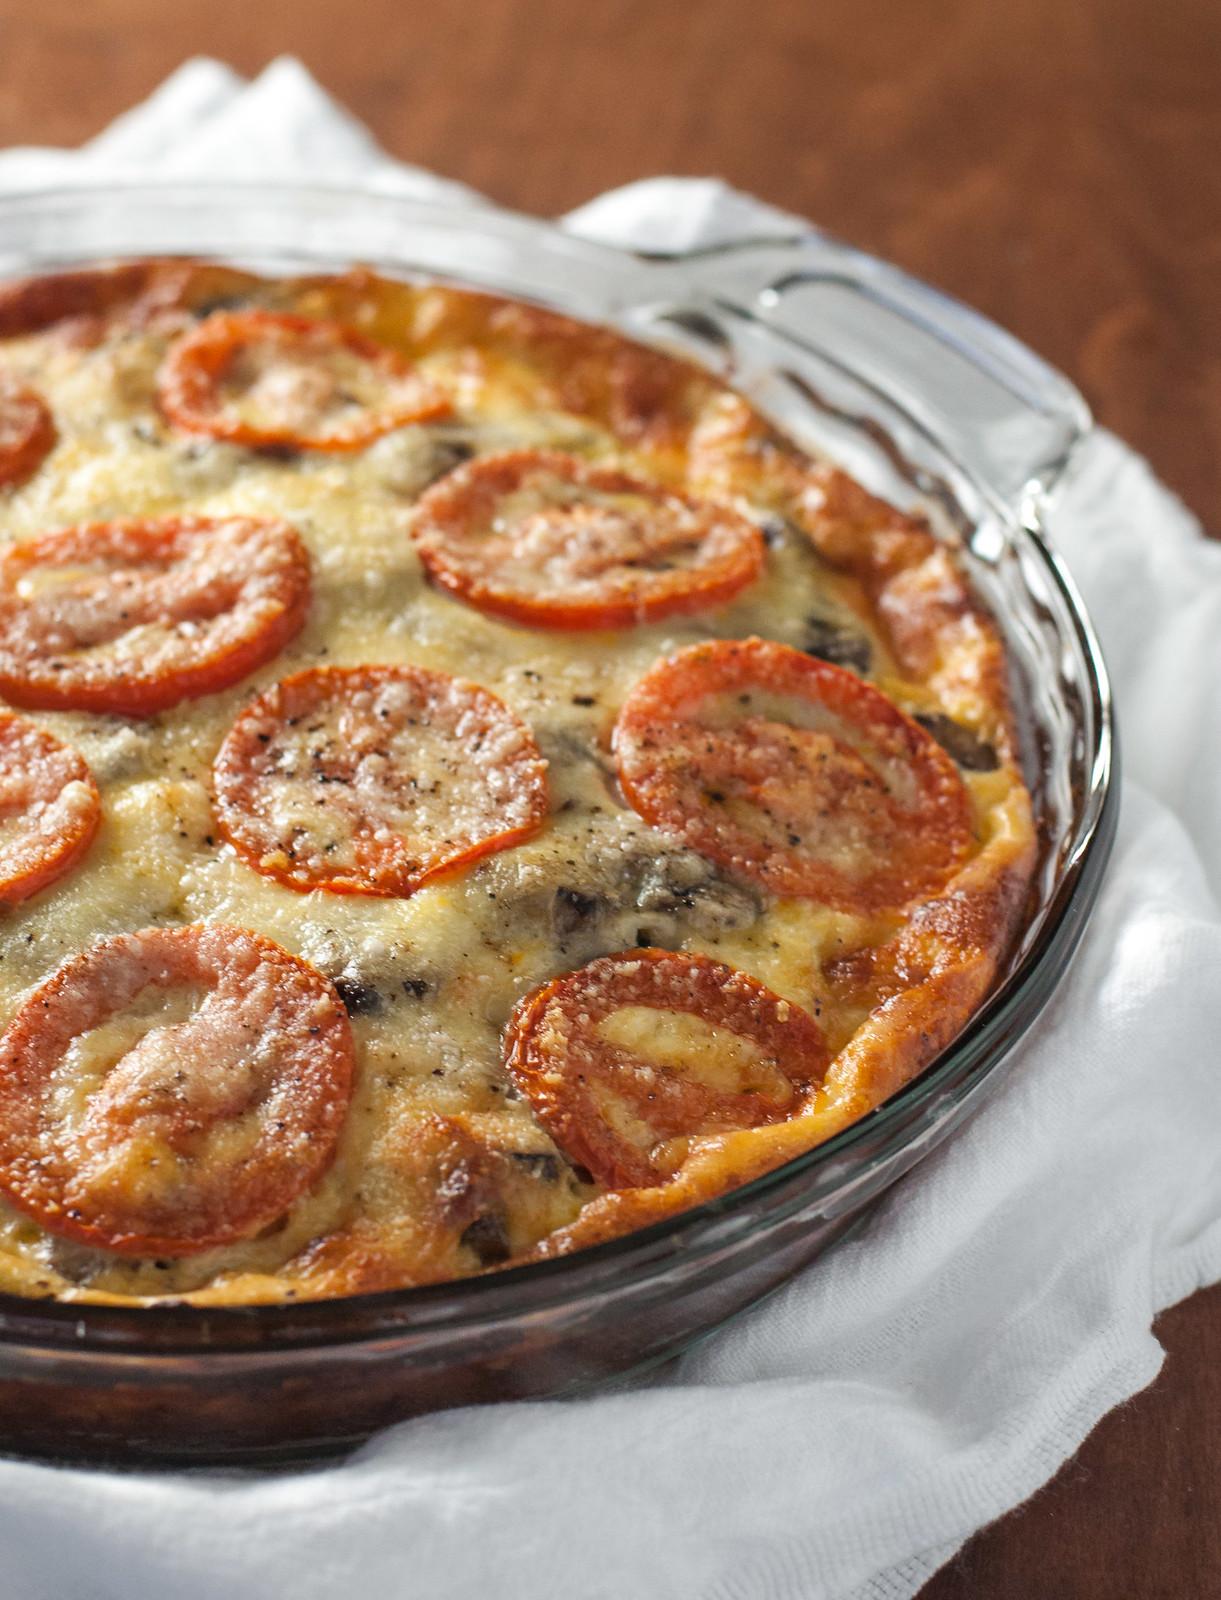 Caramelized onion tart on potato crust   #meatless #glutenfree